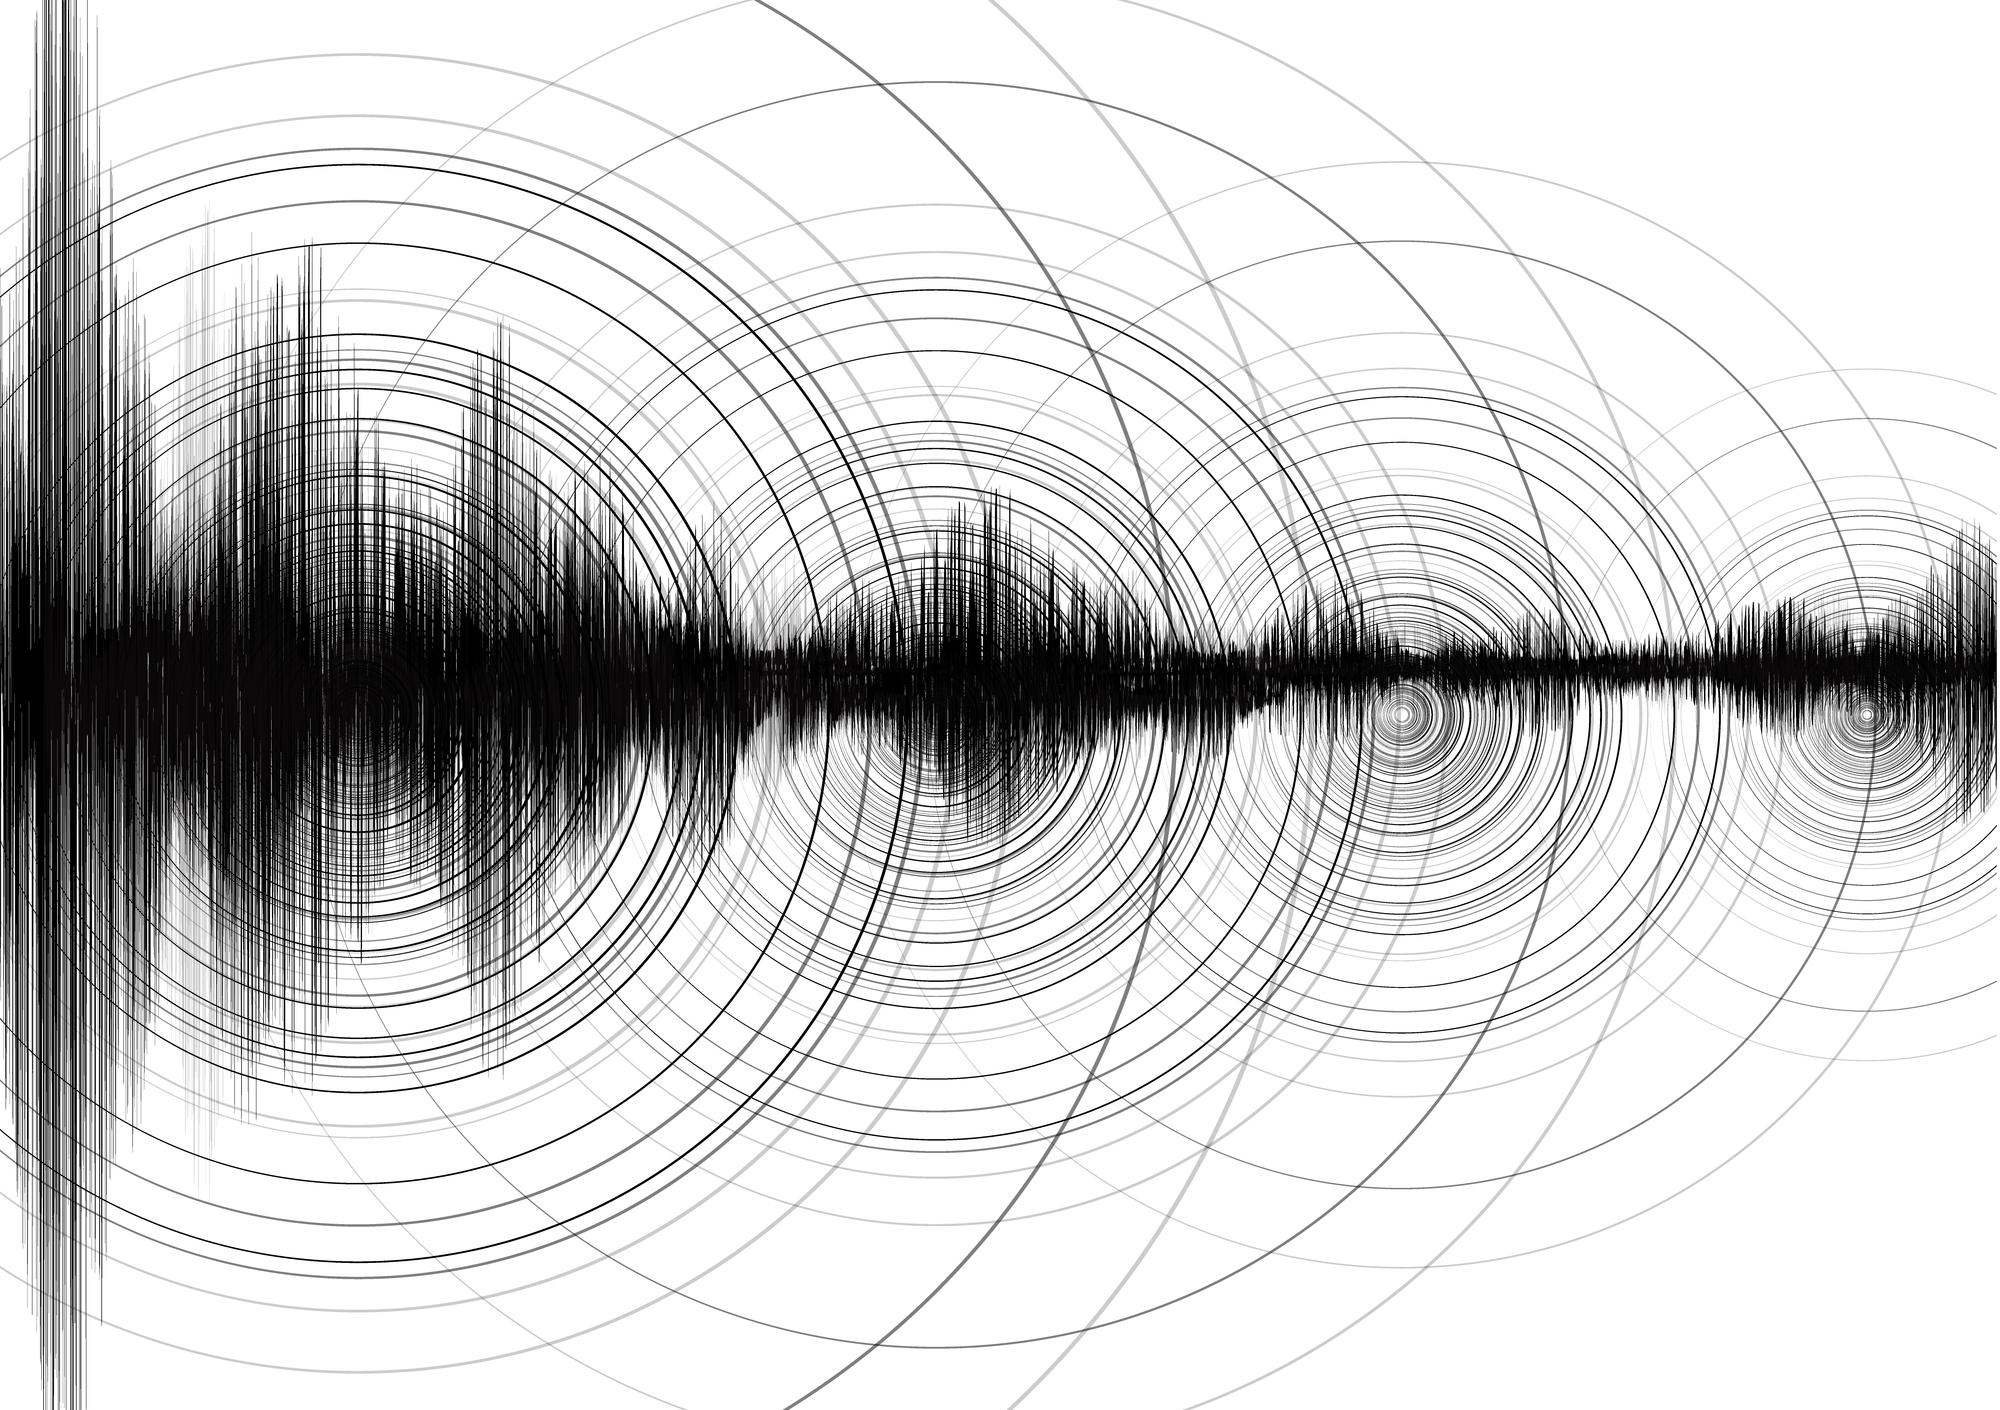 無線の高速化技術OFDMとは何か?特徴と欠点をご紹介のアイキャッチイメージ